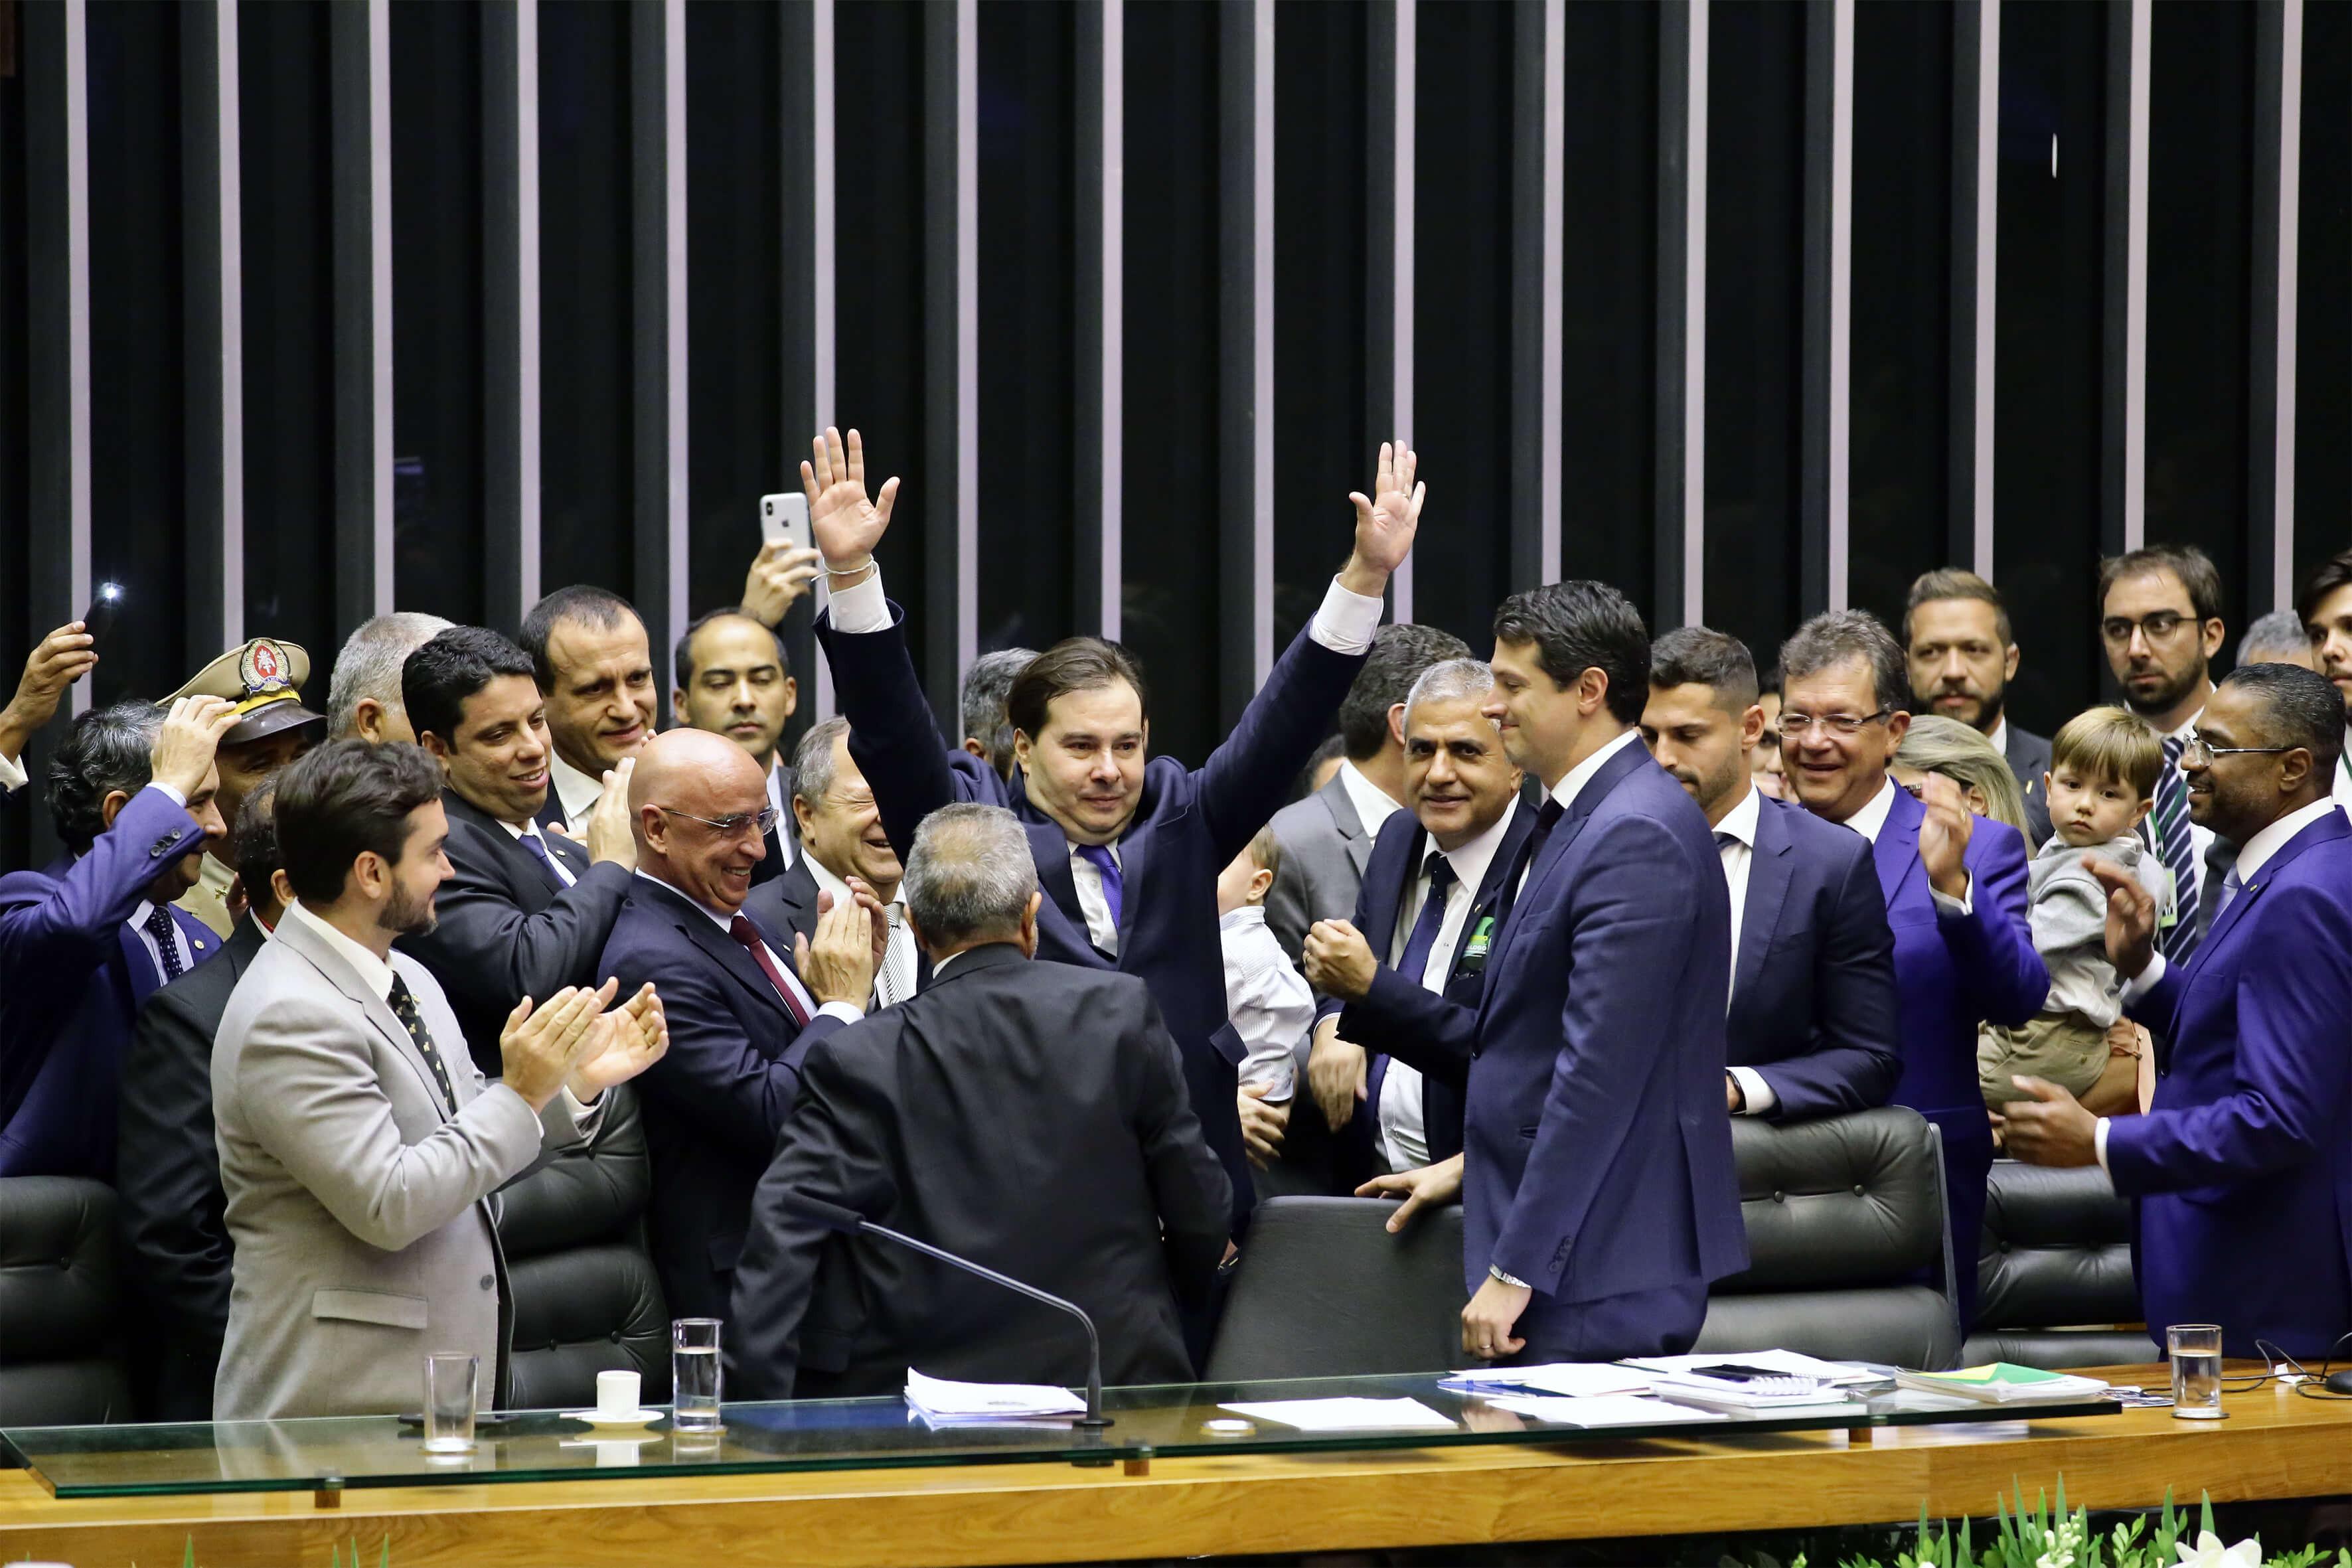 Para Rodrigo Maia, concurso da Câmara só com o fim da estabilidade